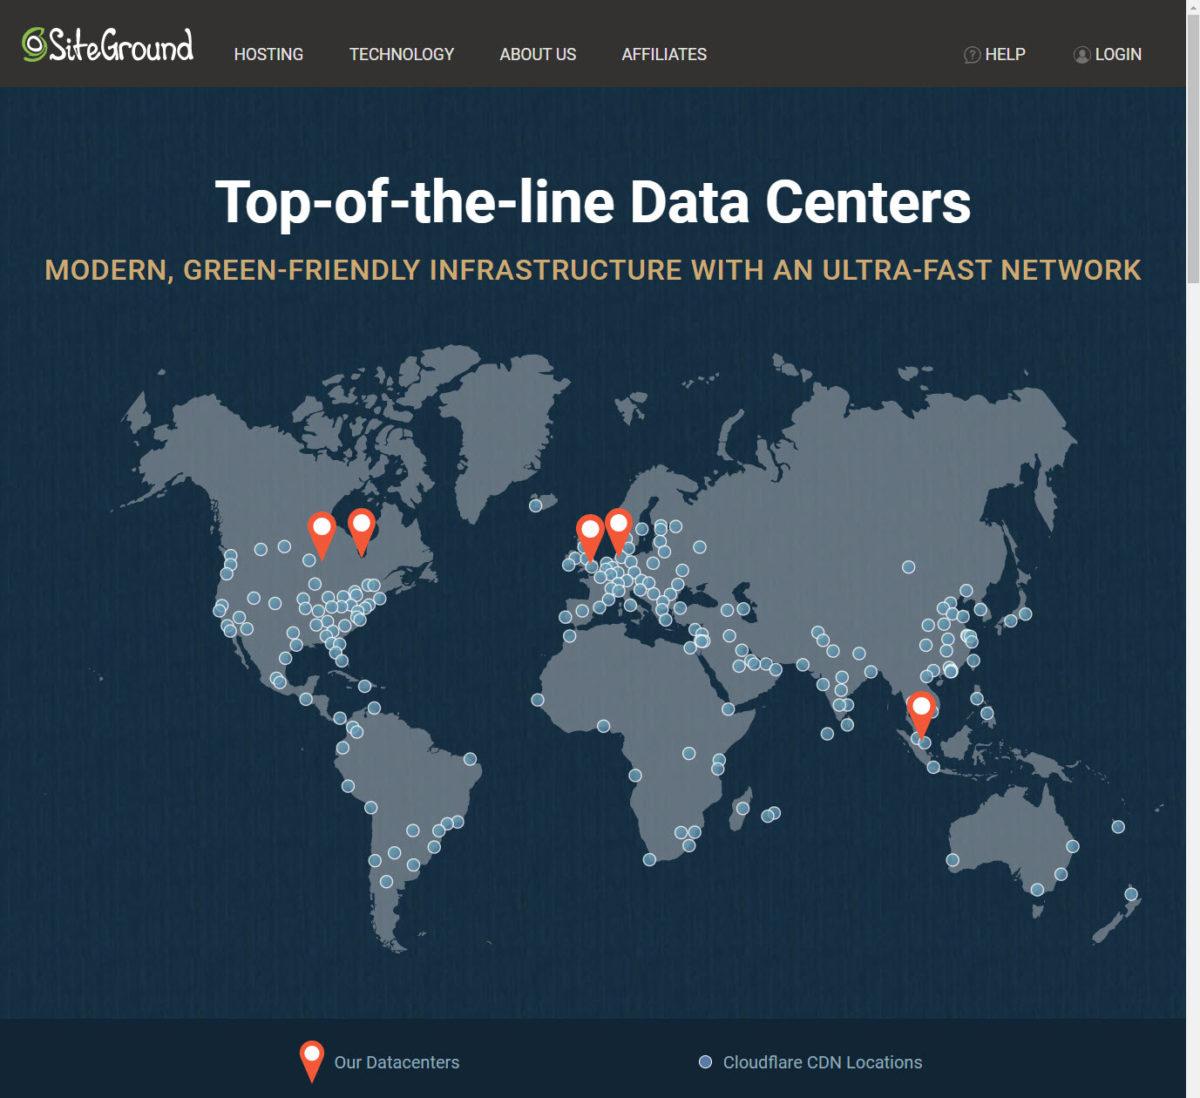 L'emplacement des data centers de SiteGround sur 3 continents, ainsi que les liaisons CDN